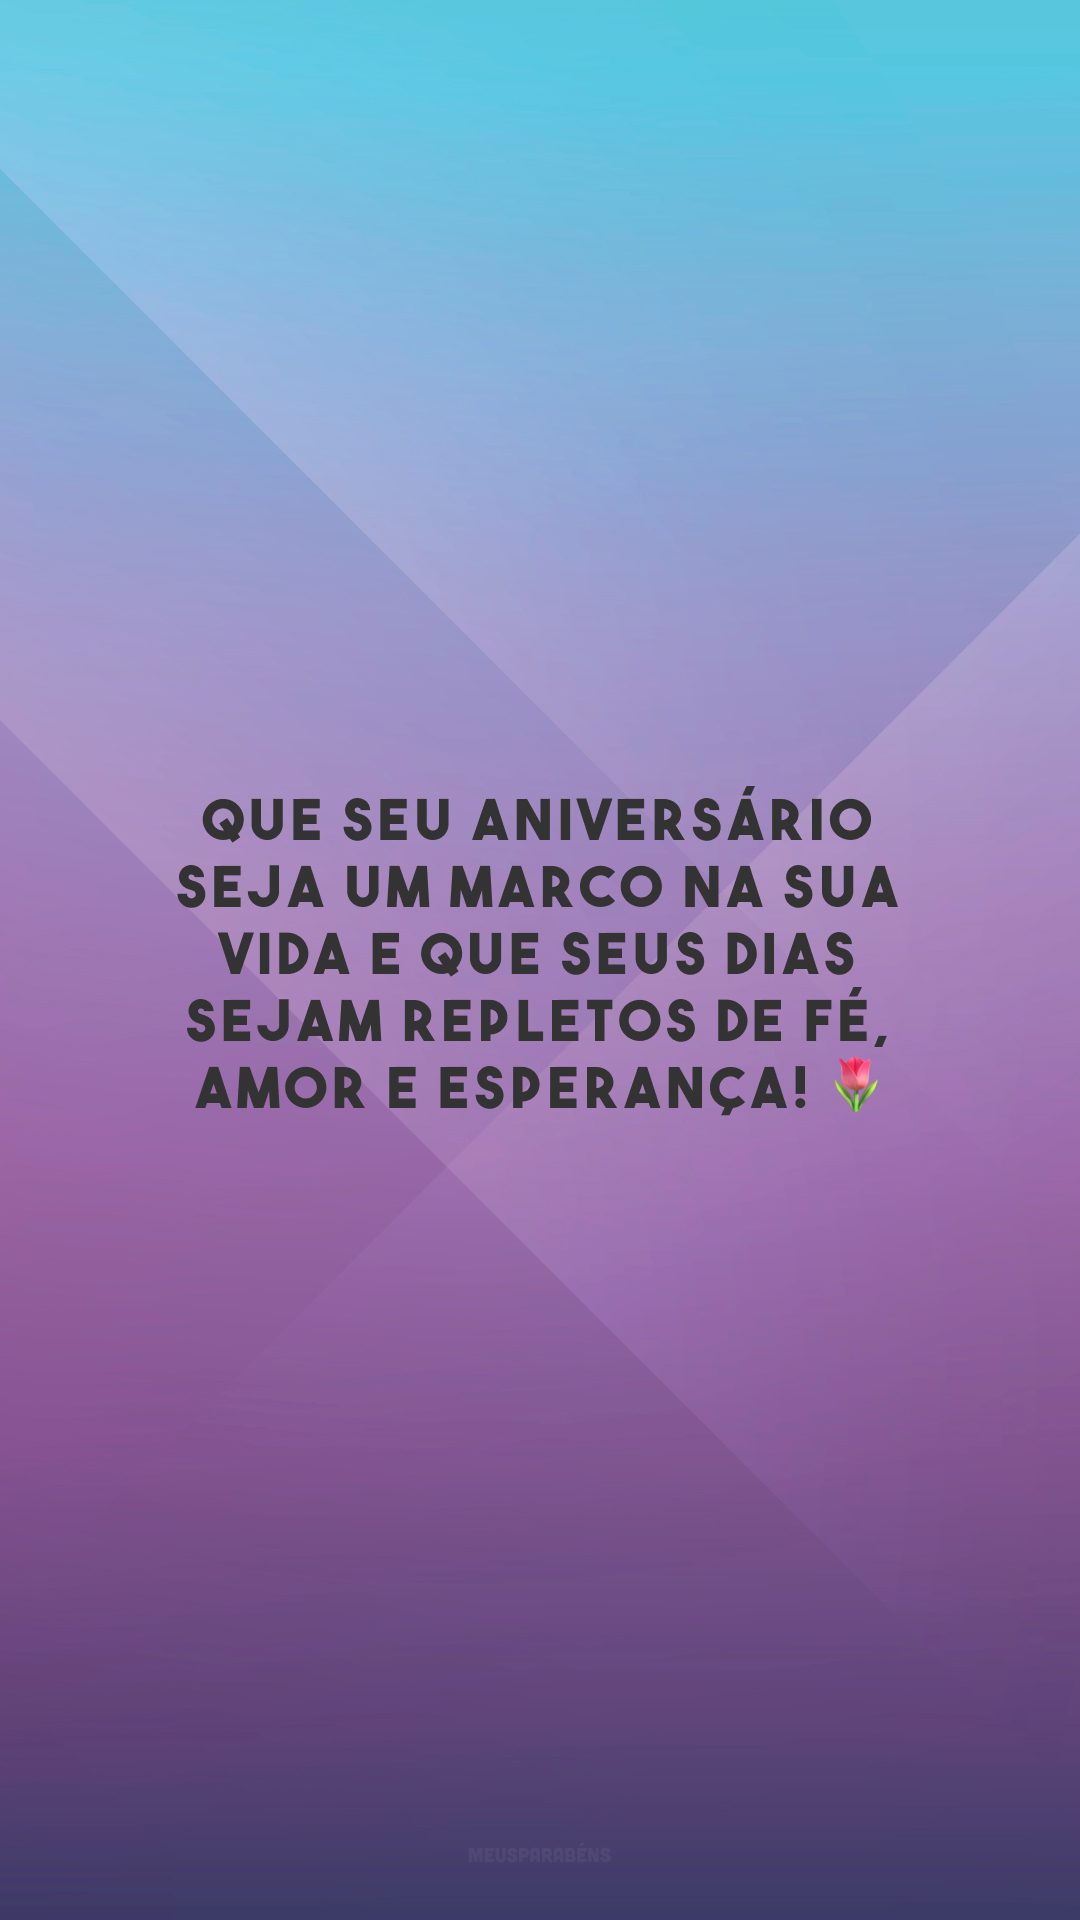 Que seu aniversário seja um marco na sua vida e que seus dias sejam repletos de fé, amor e esperança! 🌷